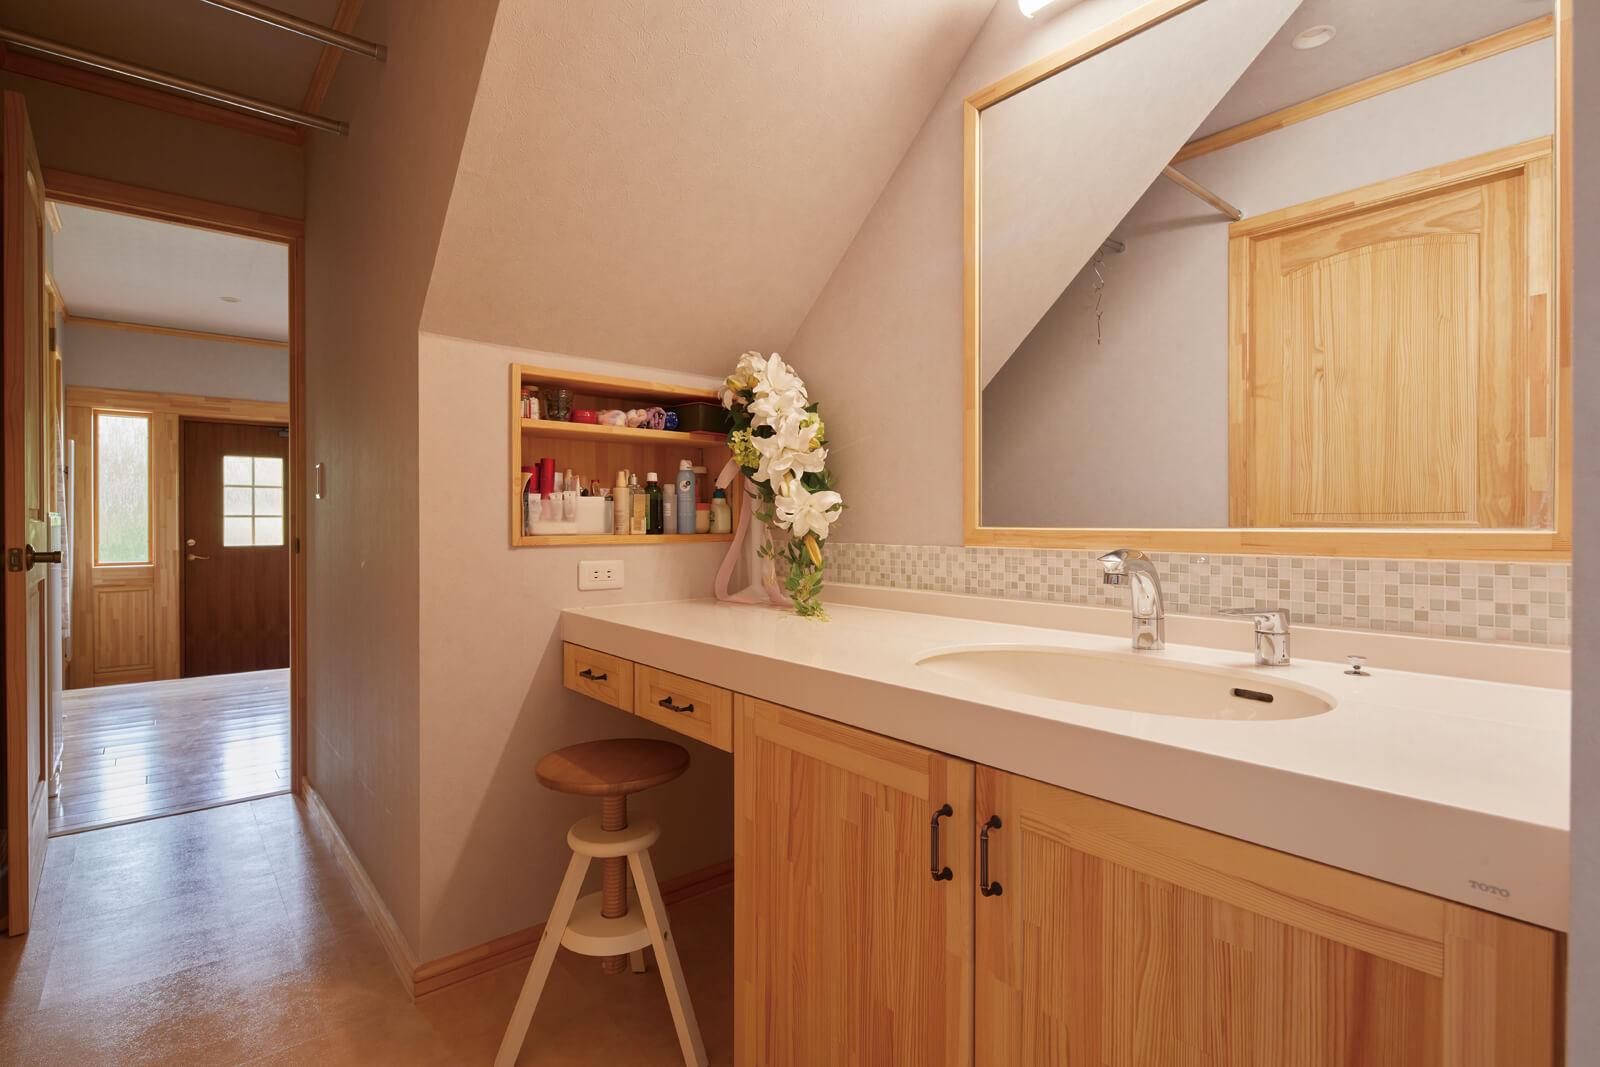 脱衣室から独立させ、裏動線に設けた洗面台は造作仕様。天井には物干しポールも設置されており、作業着なども干しやすい